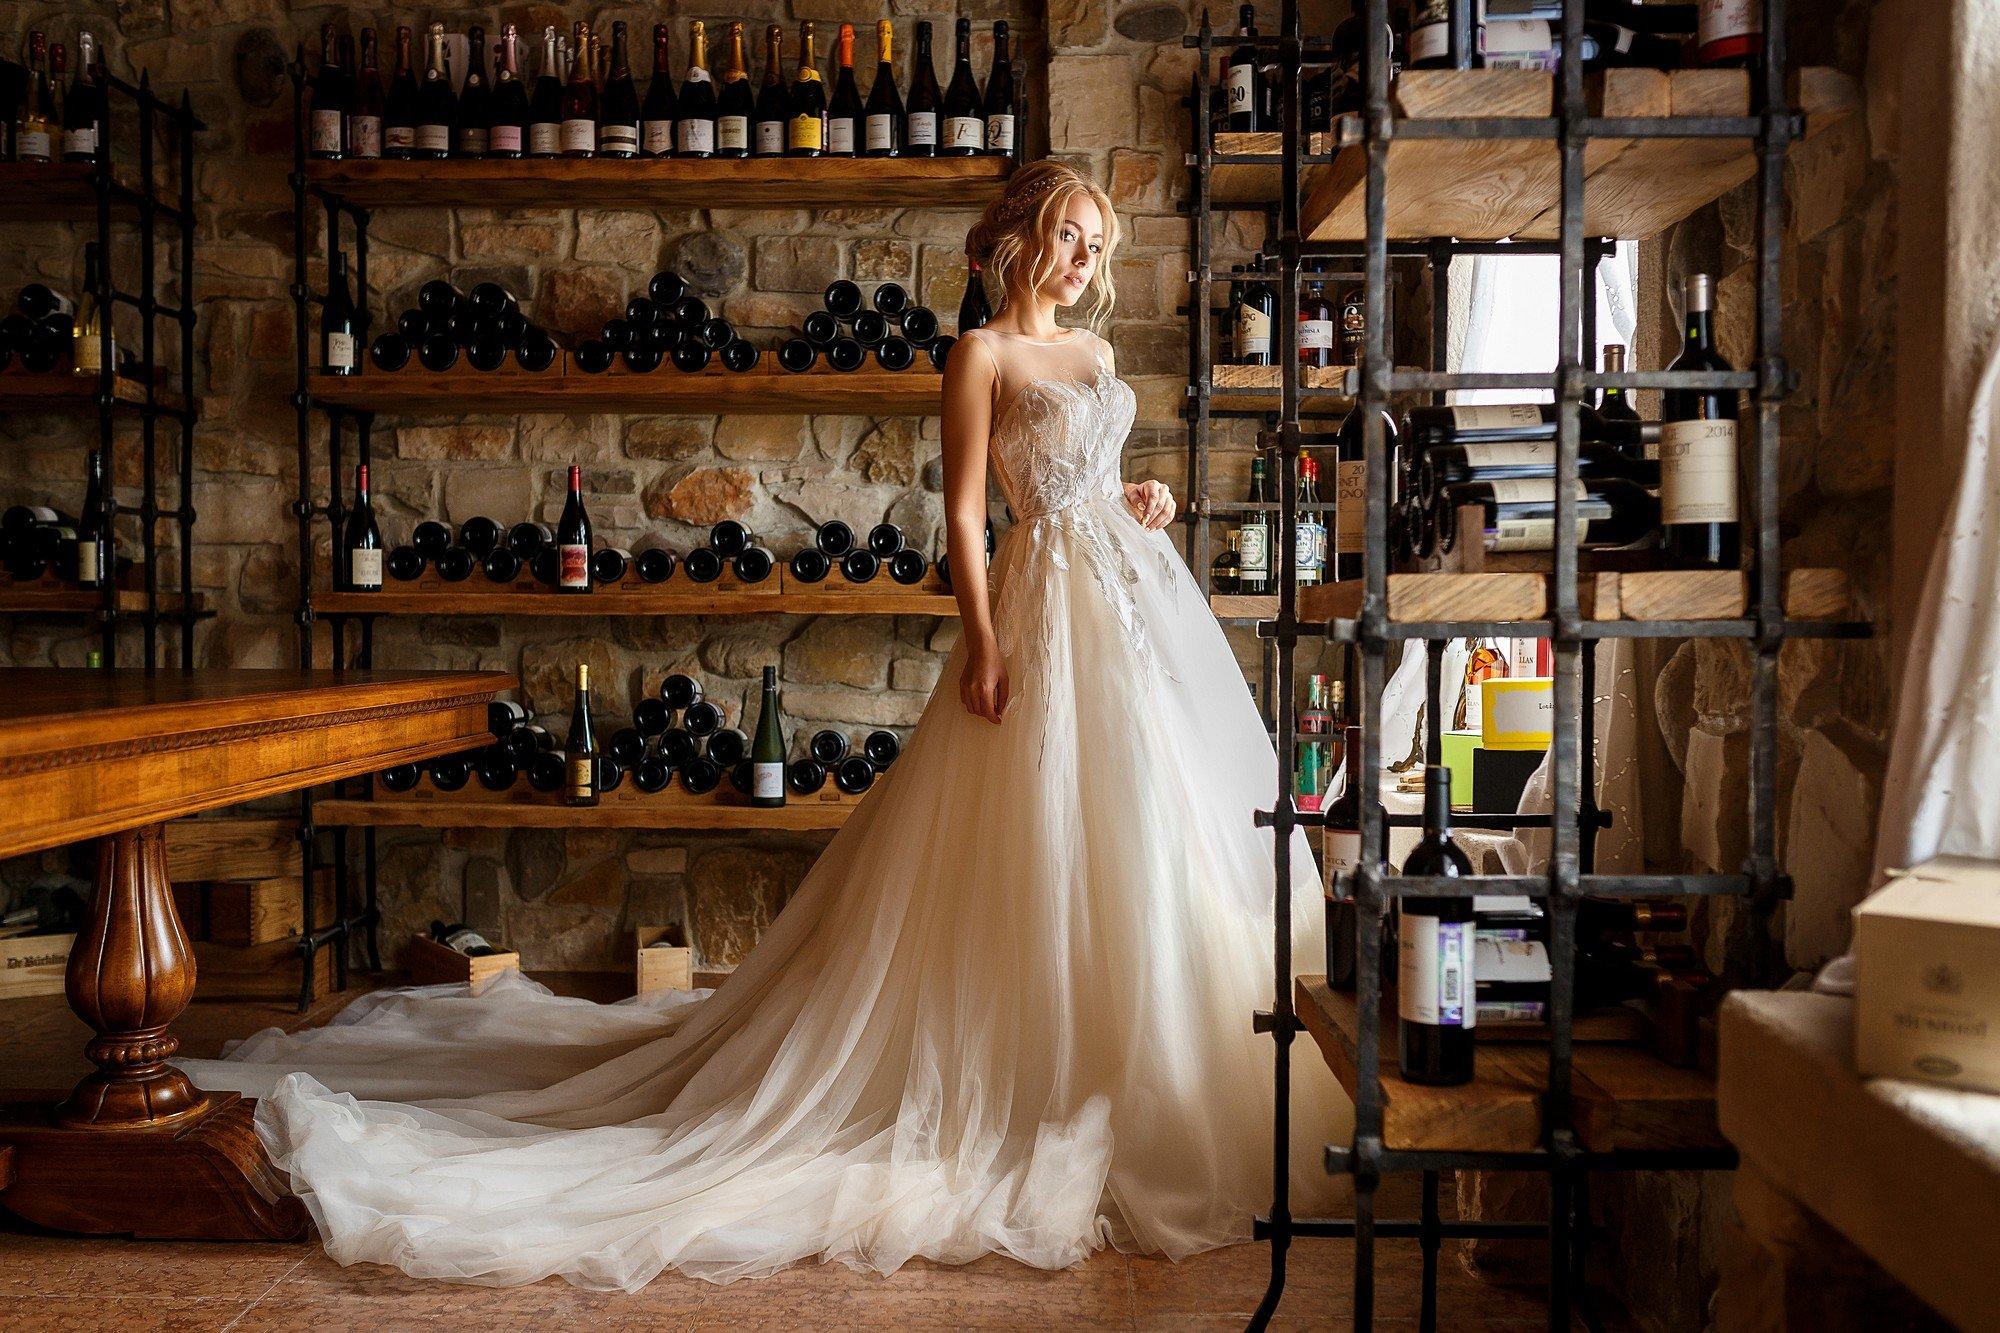 невеста, портрет, платье, свадьба, девушка, модель, погреб, вино, Косарева Анастасия